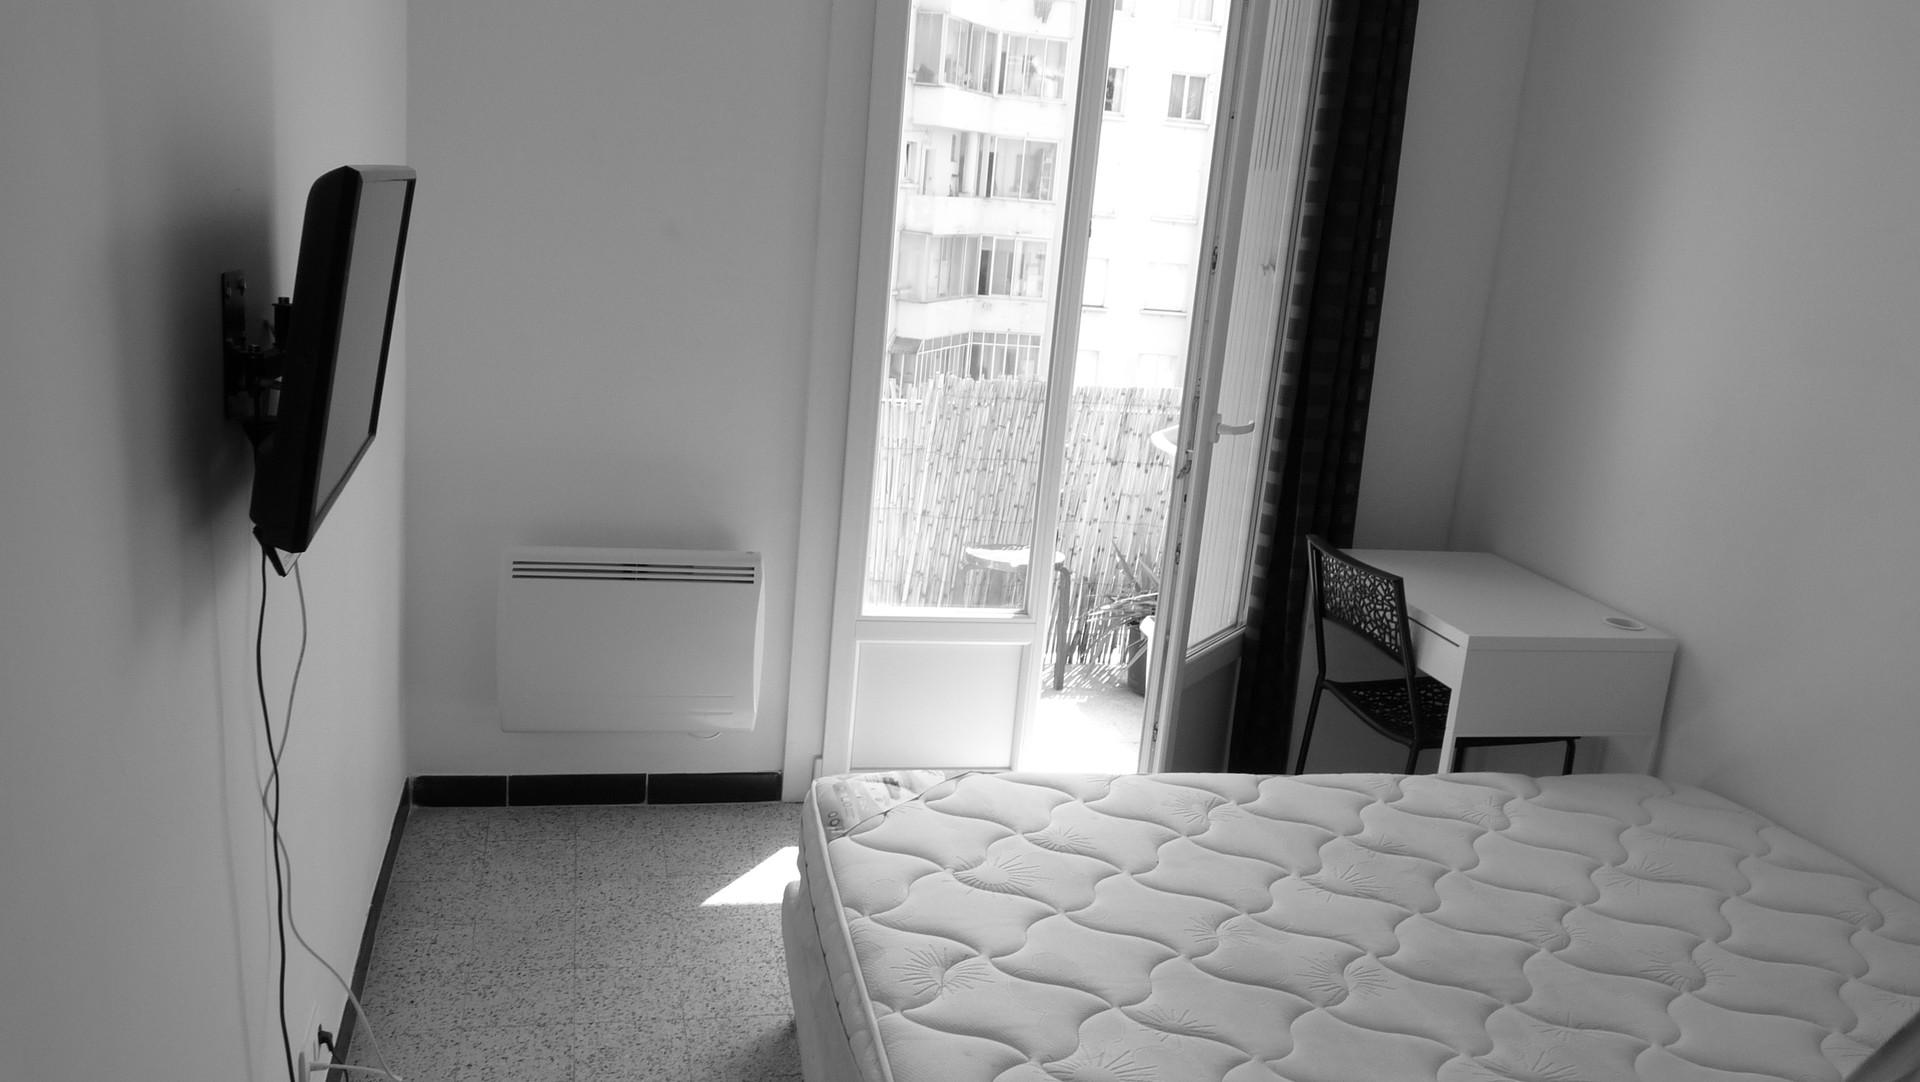 Location Chambre Meuble De 10 A 15m2 Toulon Proche Centre Ville Location Studios Toulon